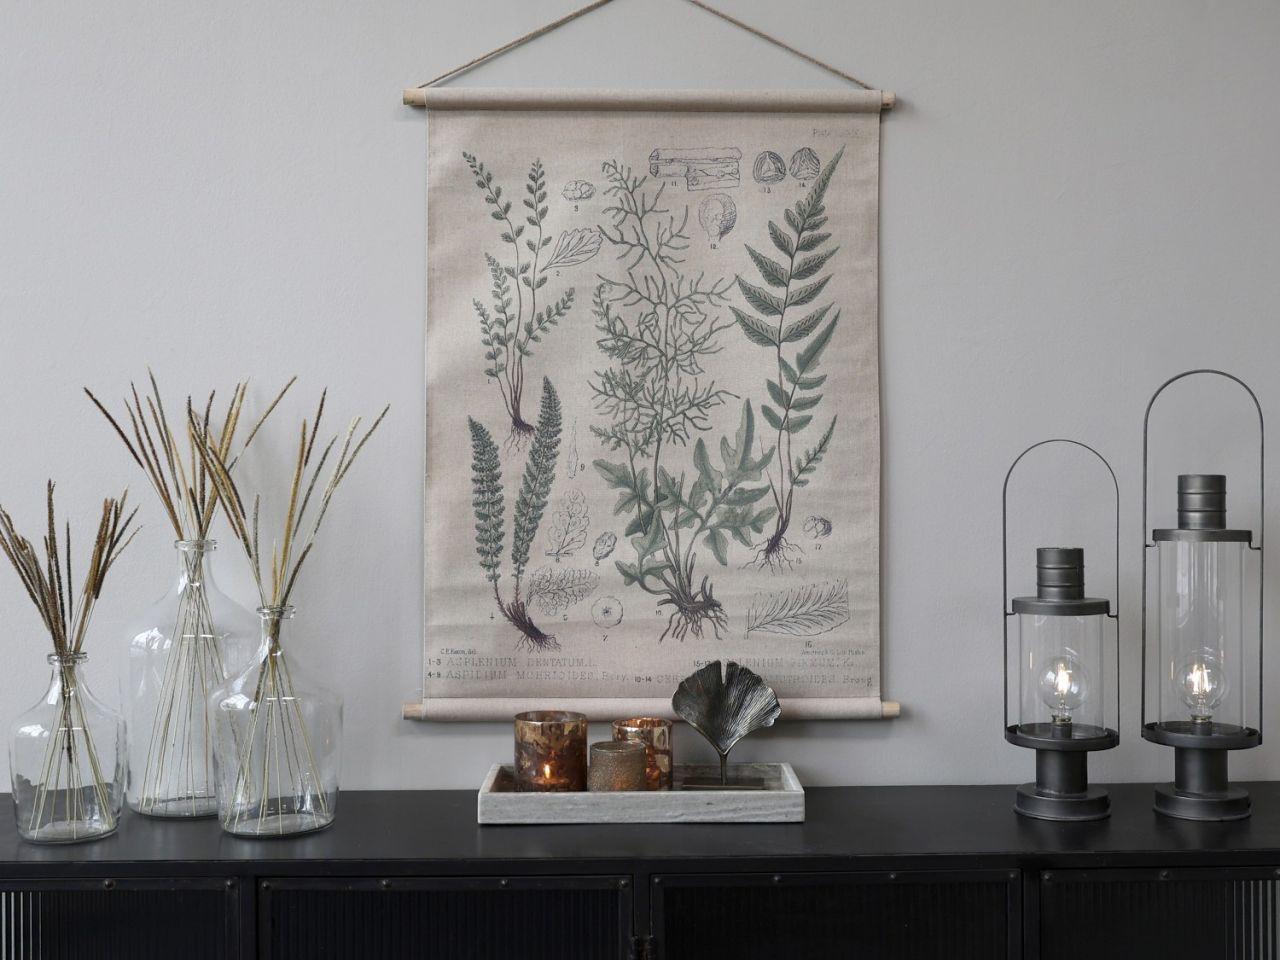 -Leinwandbild zum Aufhängen mit Blumendruck Variante 4 von Chic Antique-